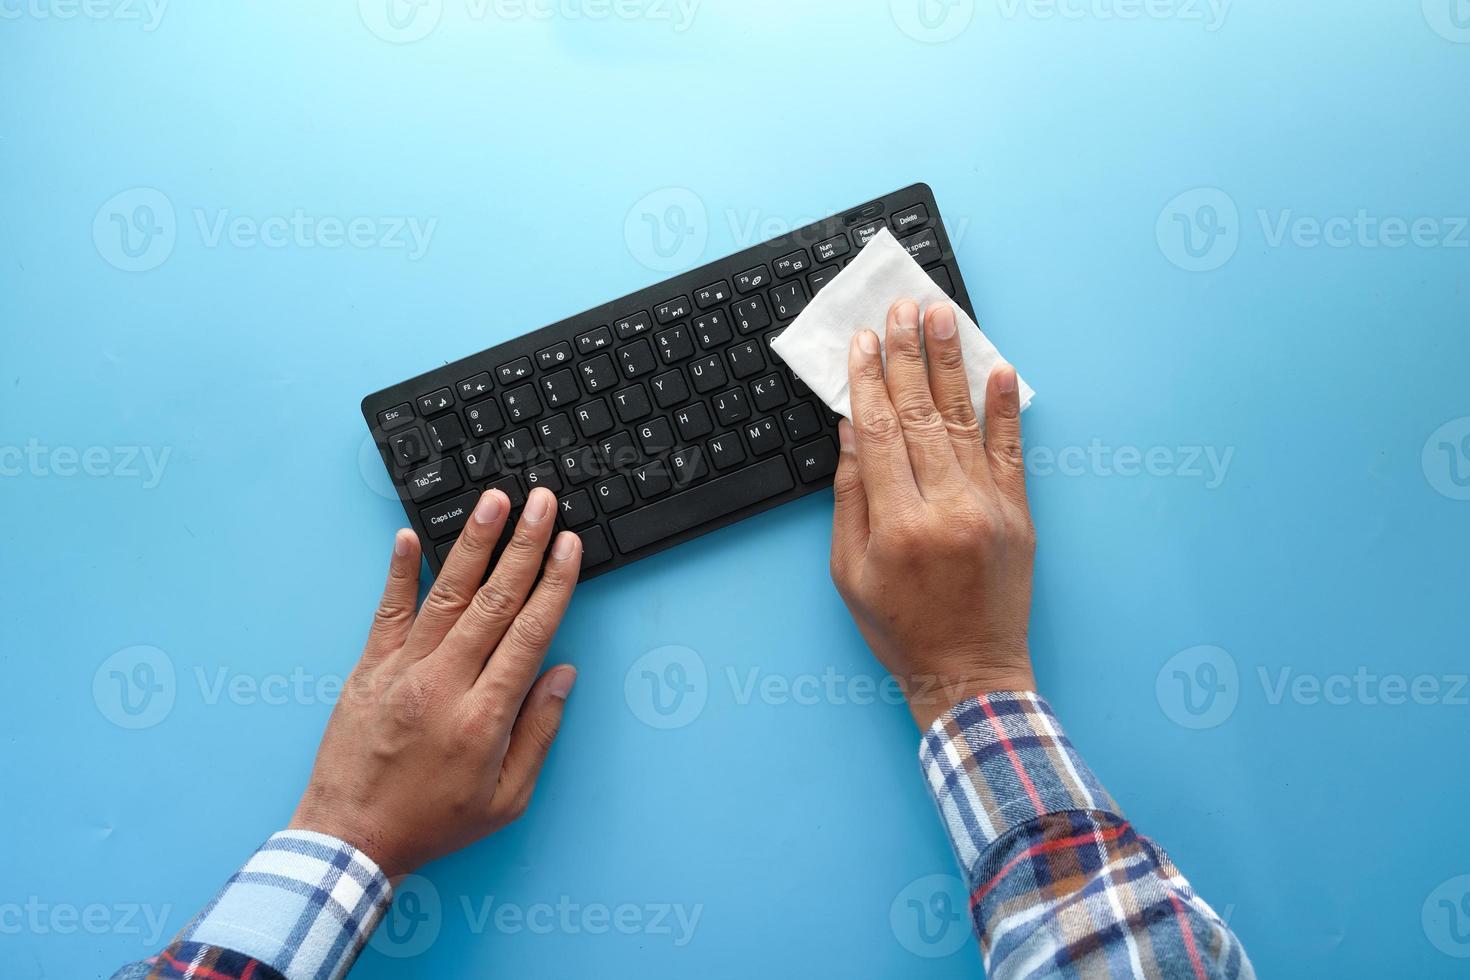 händer som rengör ett tangentbord foto